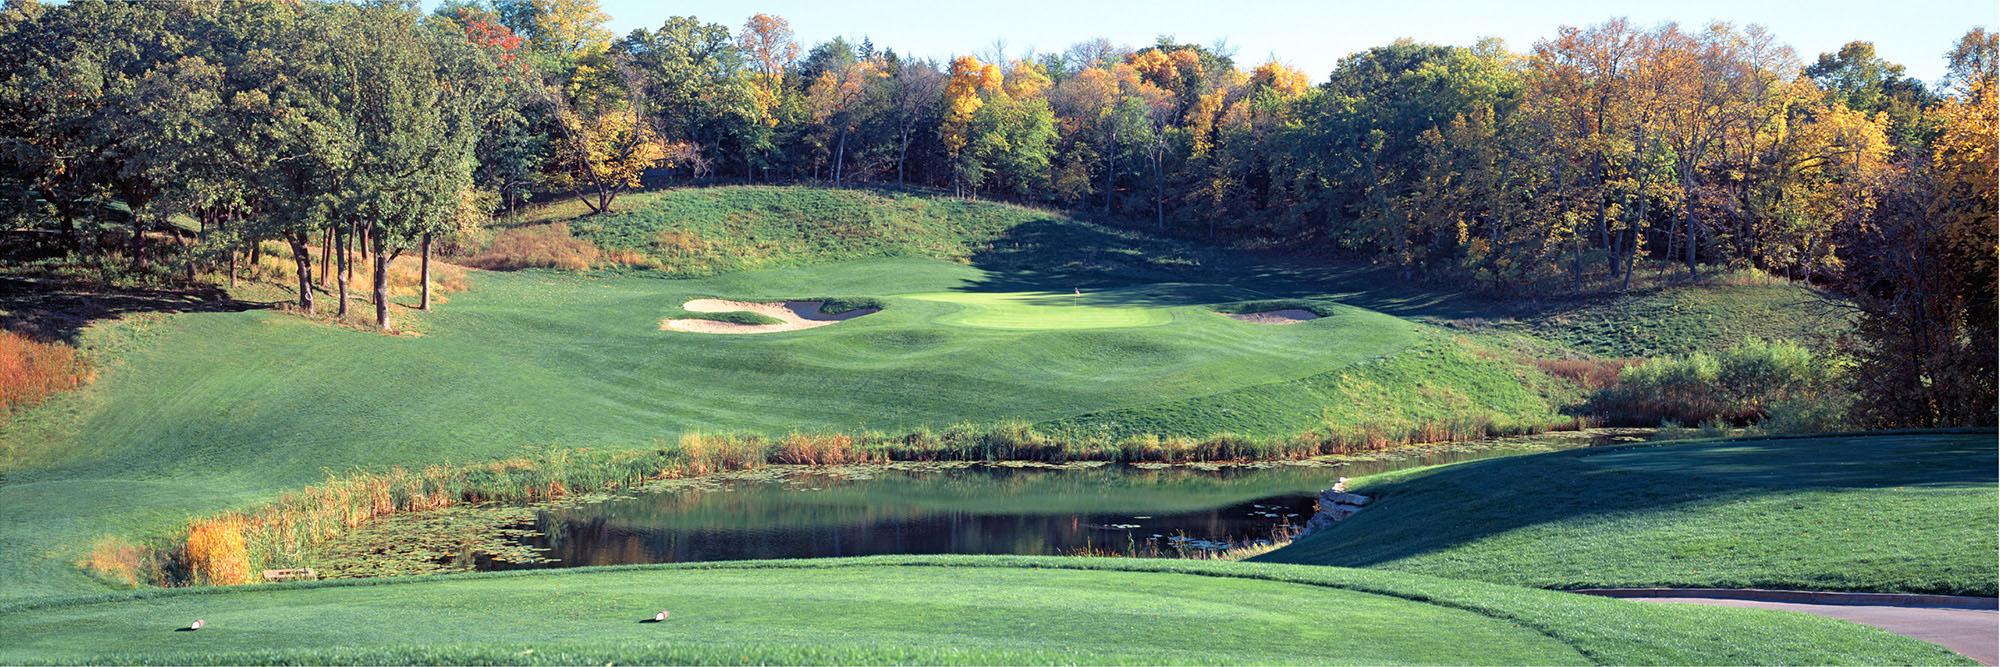 Golf Course Image - Quarry Oaks No. 11